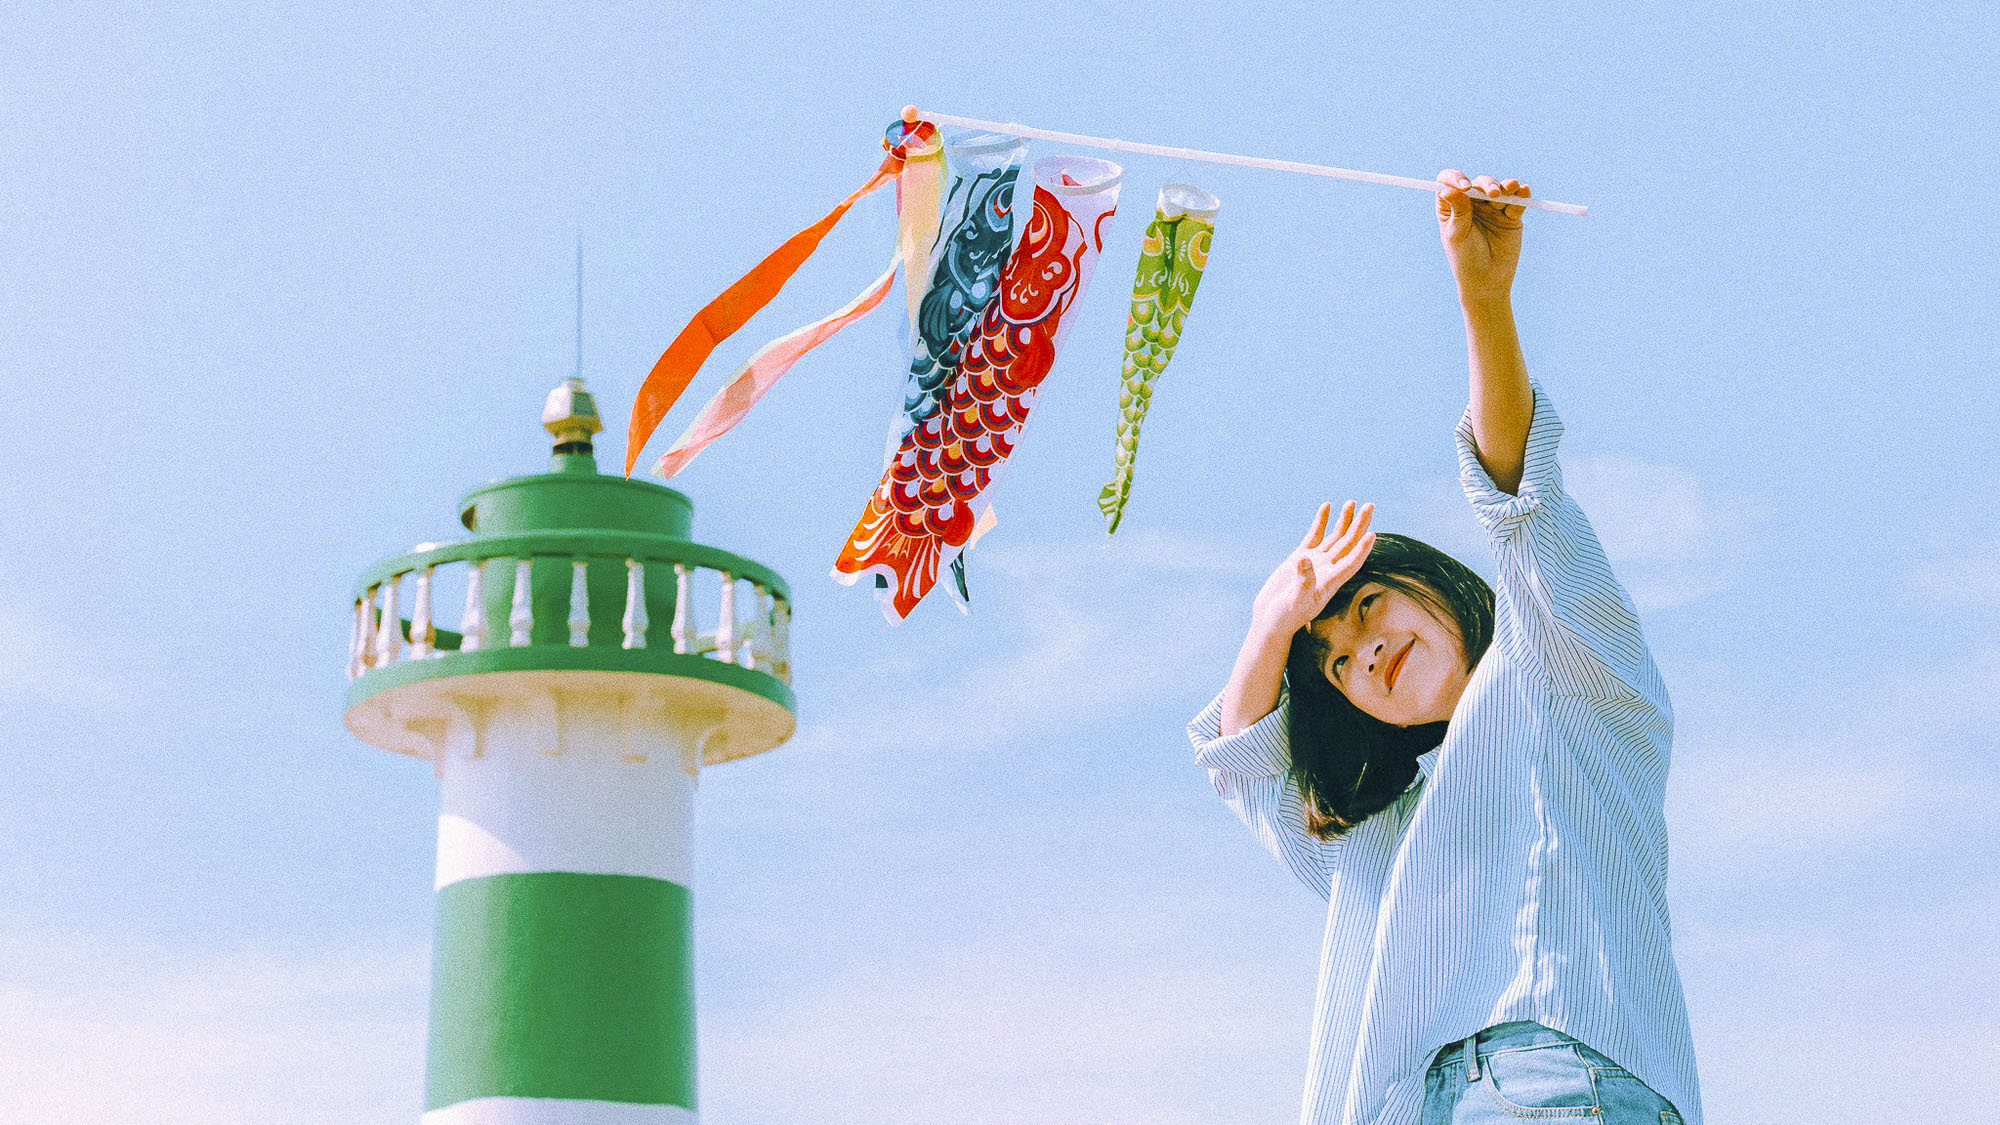 Tour Du Lịch Đảo Cô Tô Quảng Ninh Dịp 30 Tháng 4 - Vietmountain Travel 7